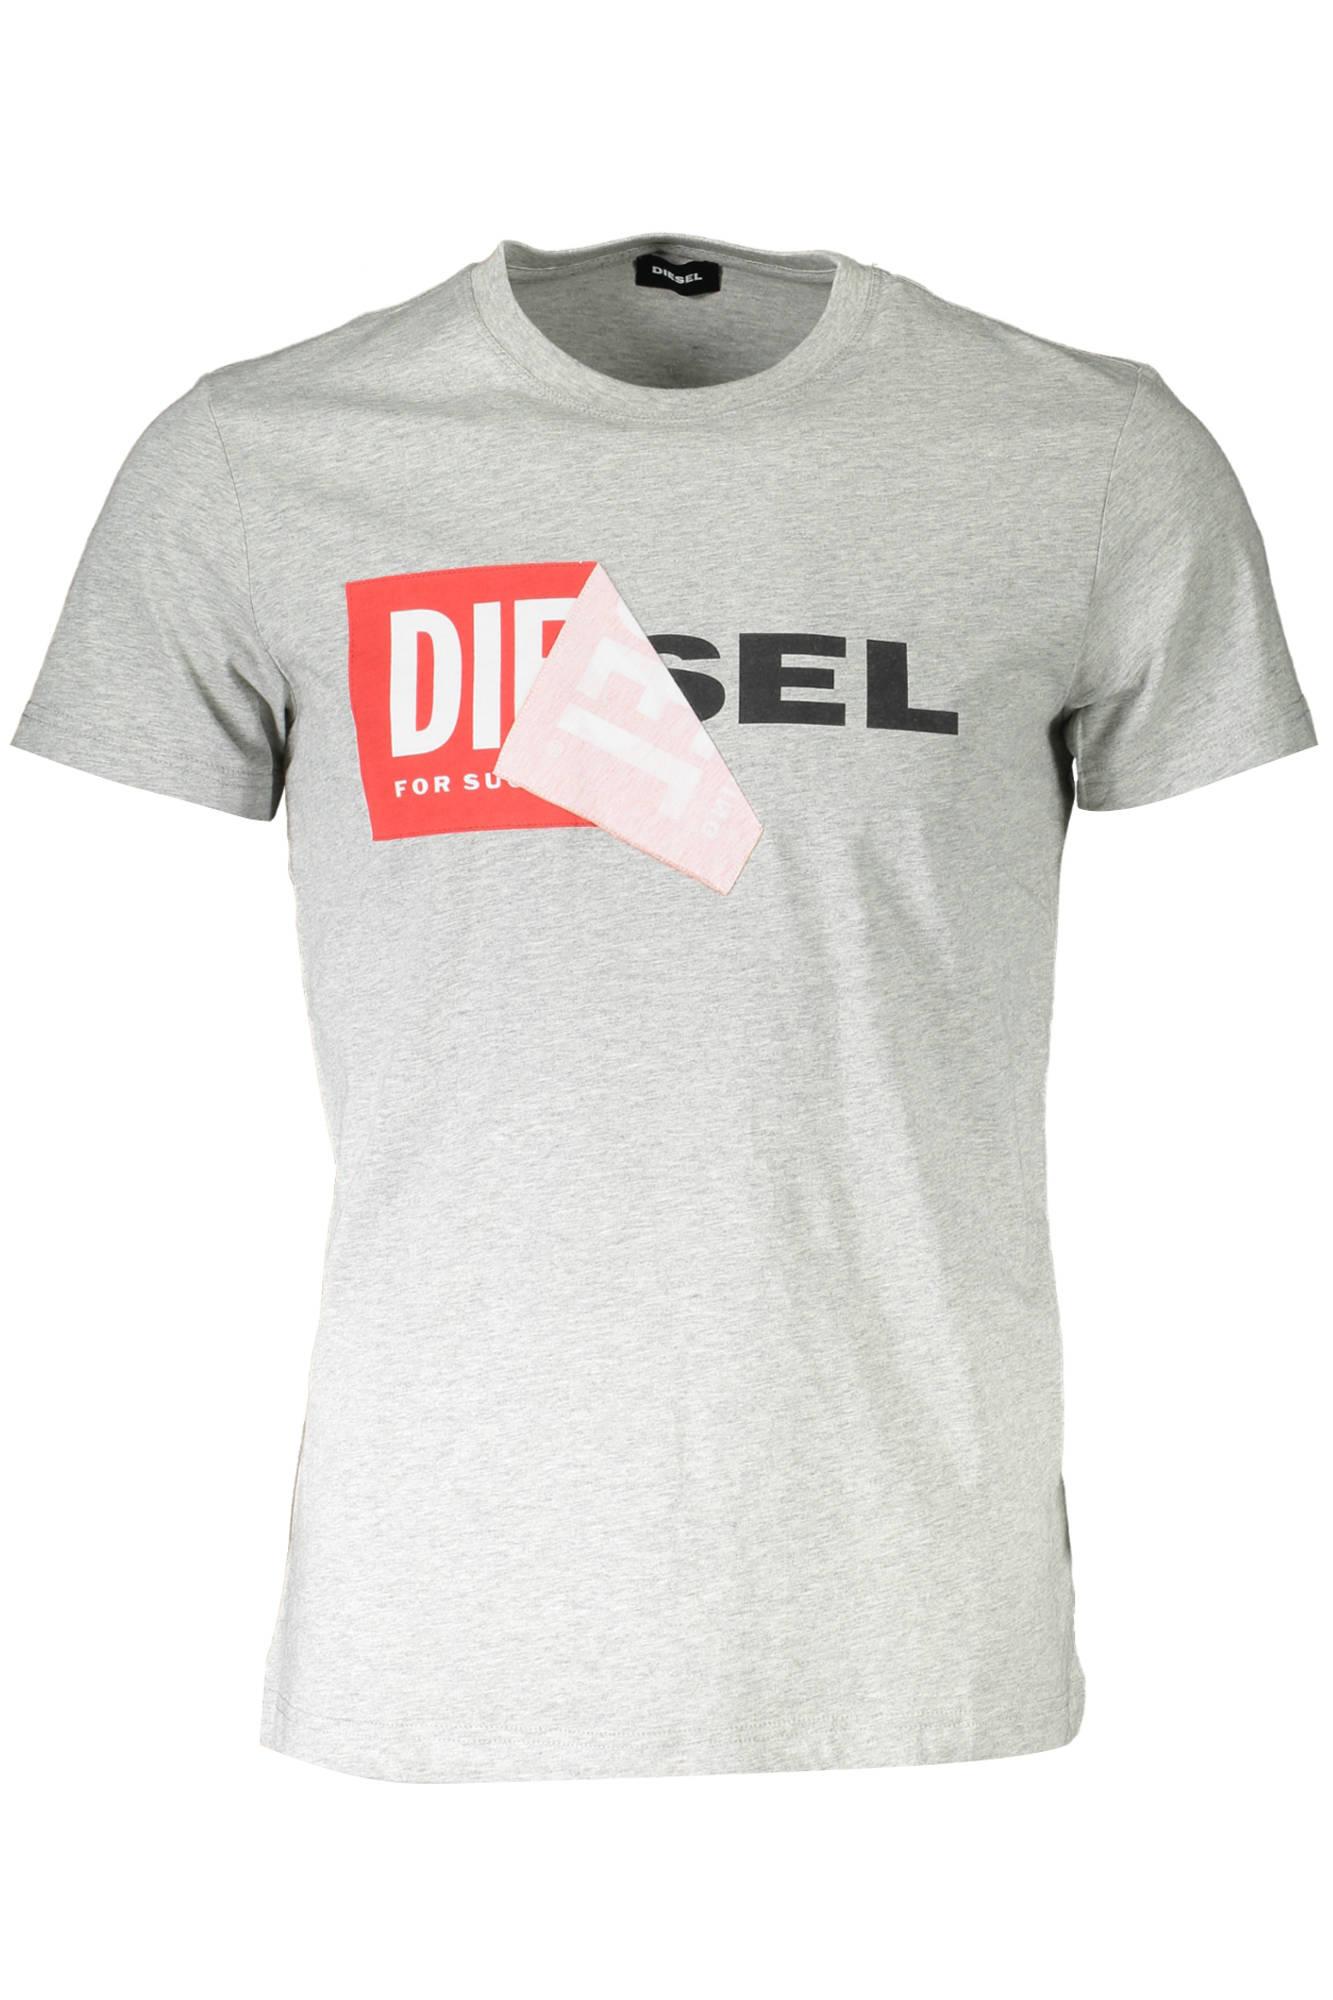 Tričko DIESEL tričko s krátkým rukávem GRIGIO